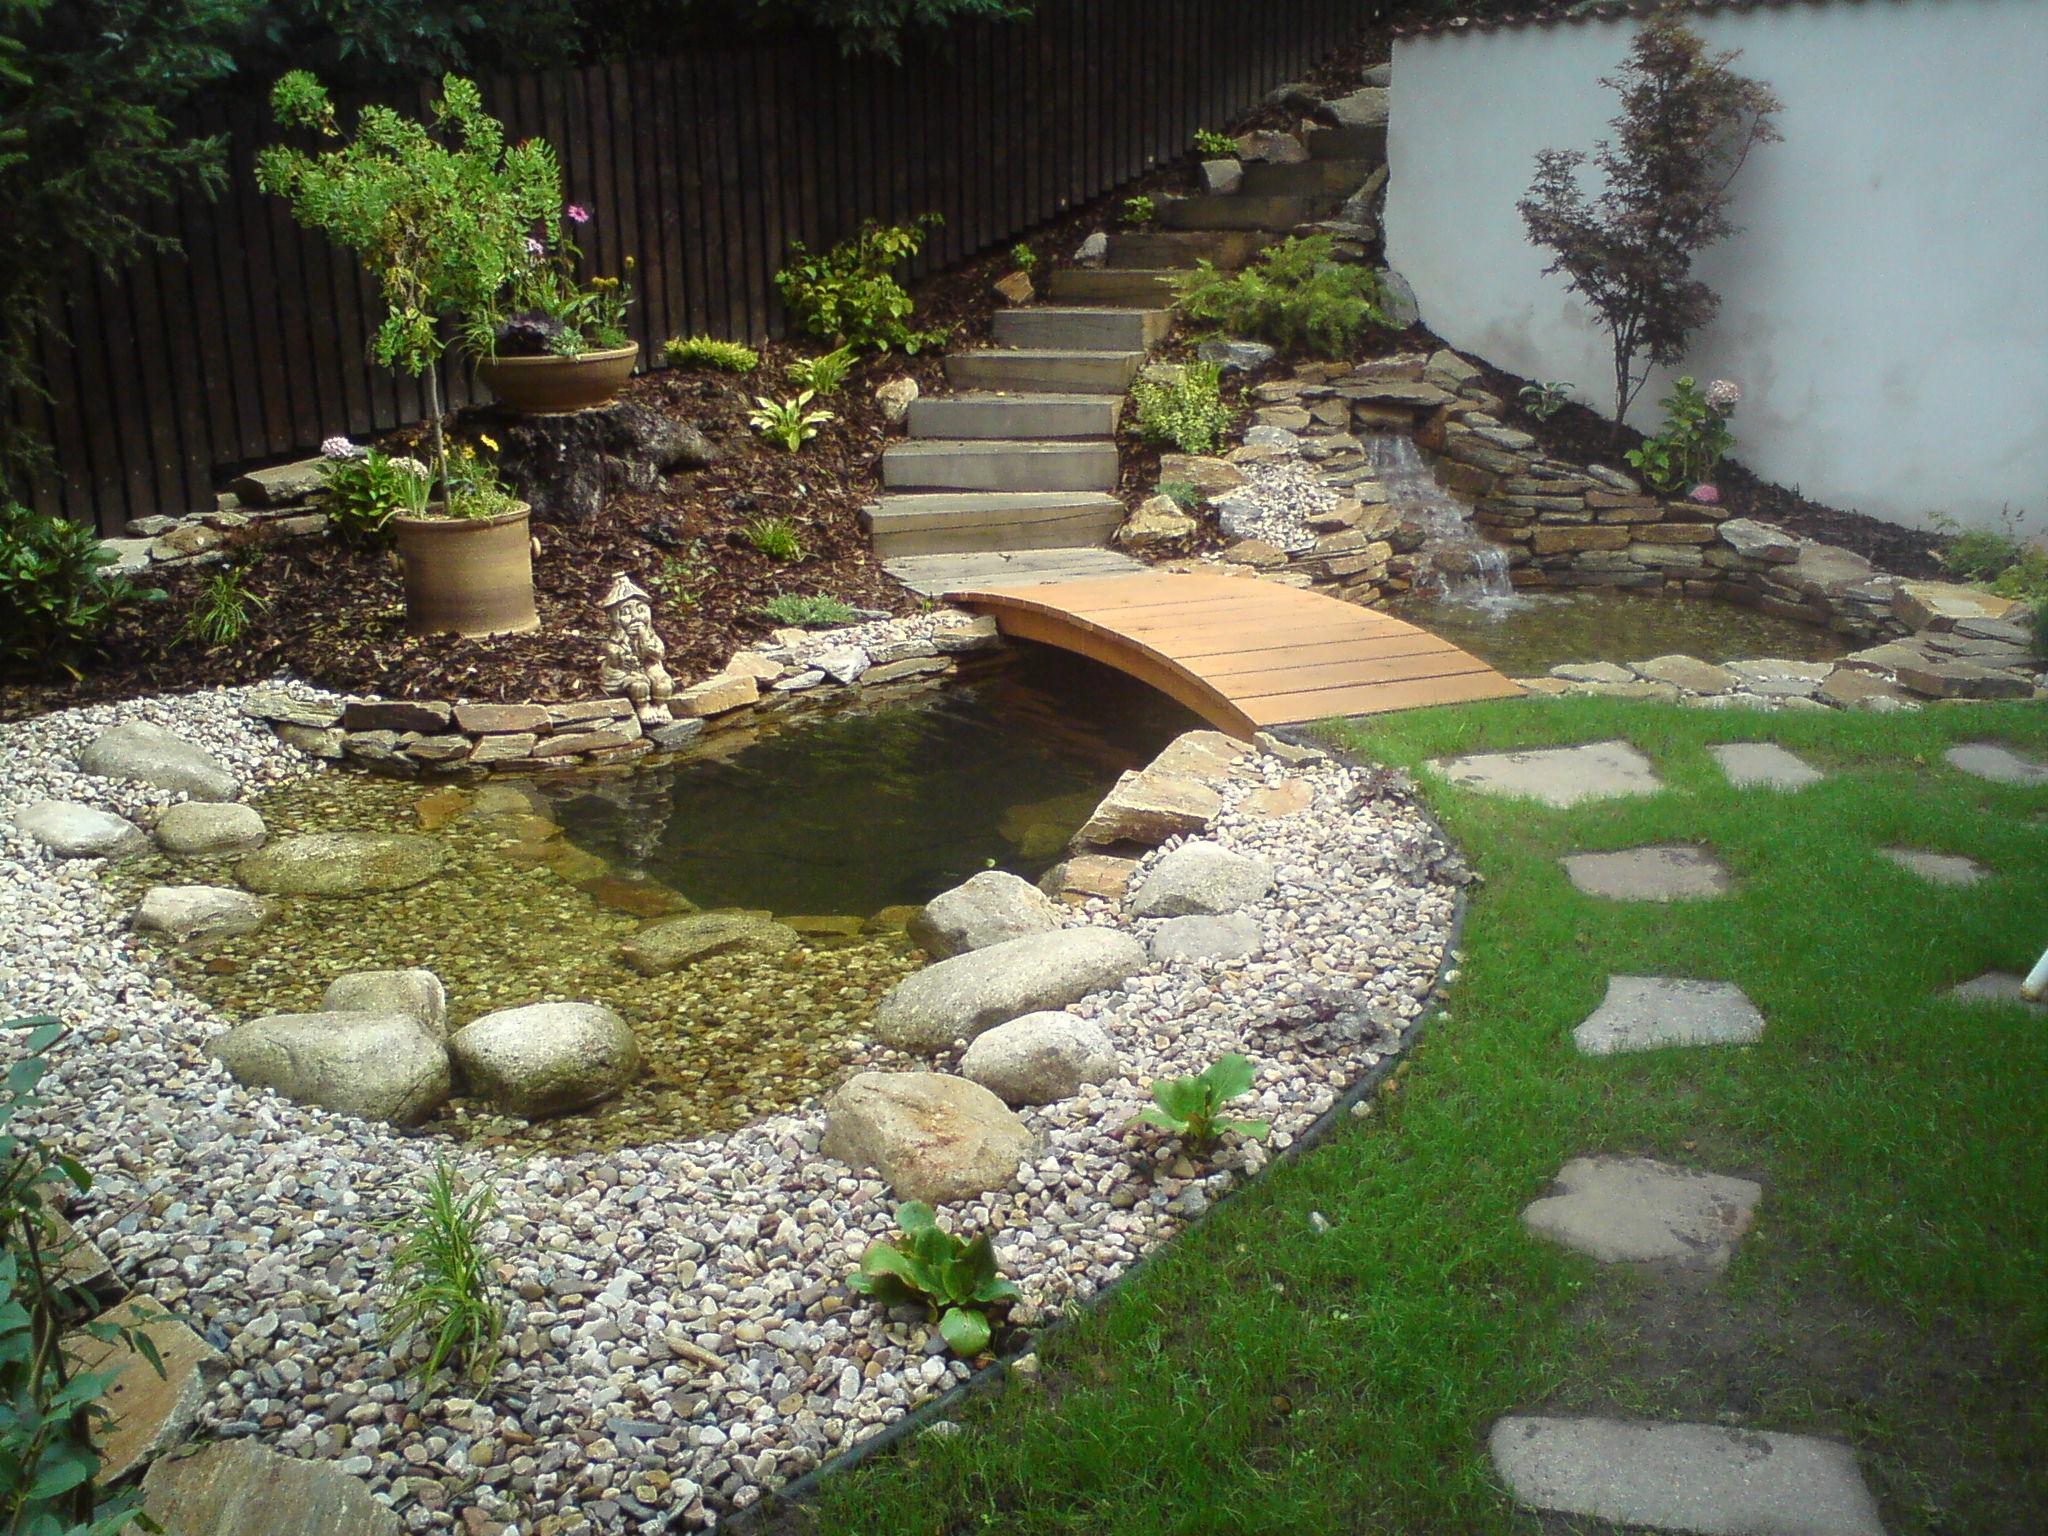 úpravy zahrad Brno-venkov